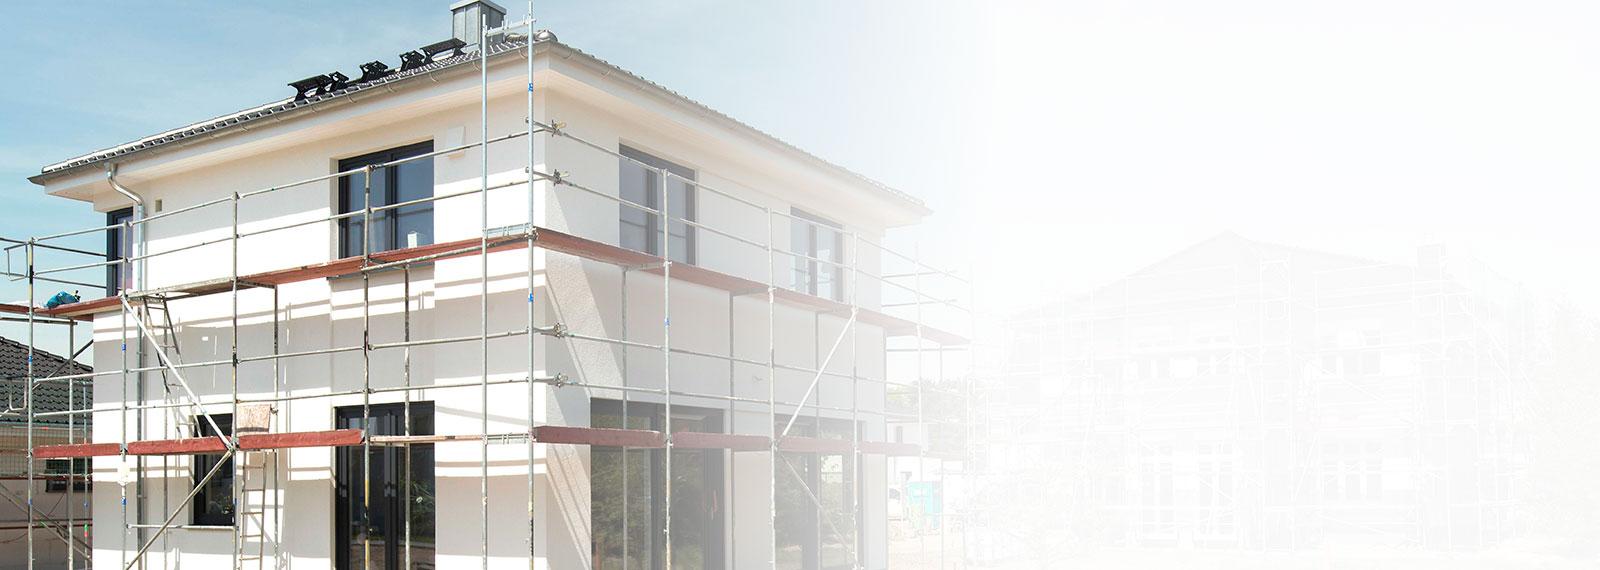 peters-architekt-baubegleitung-handwerker-vermittlung-wunschhaus